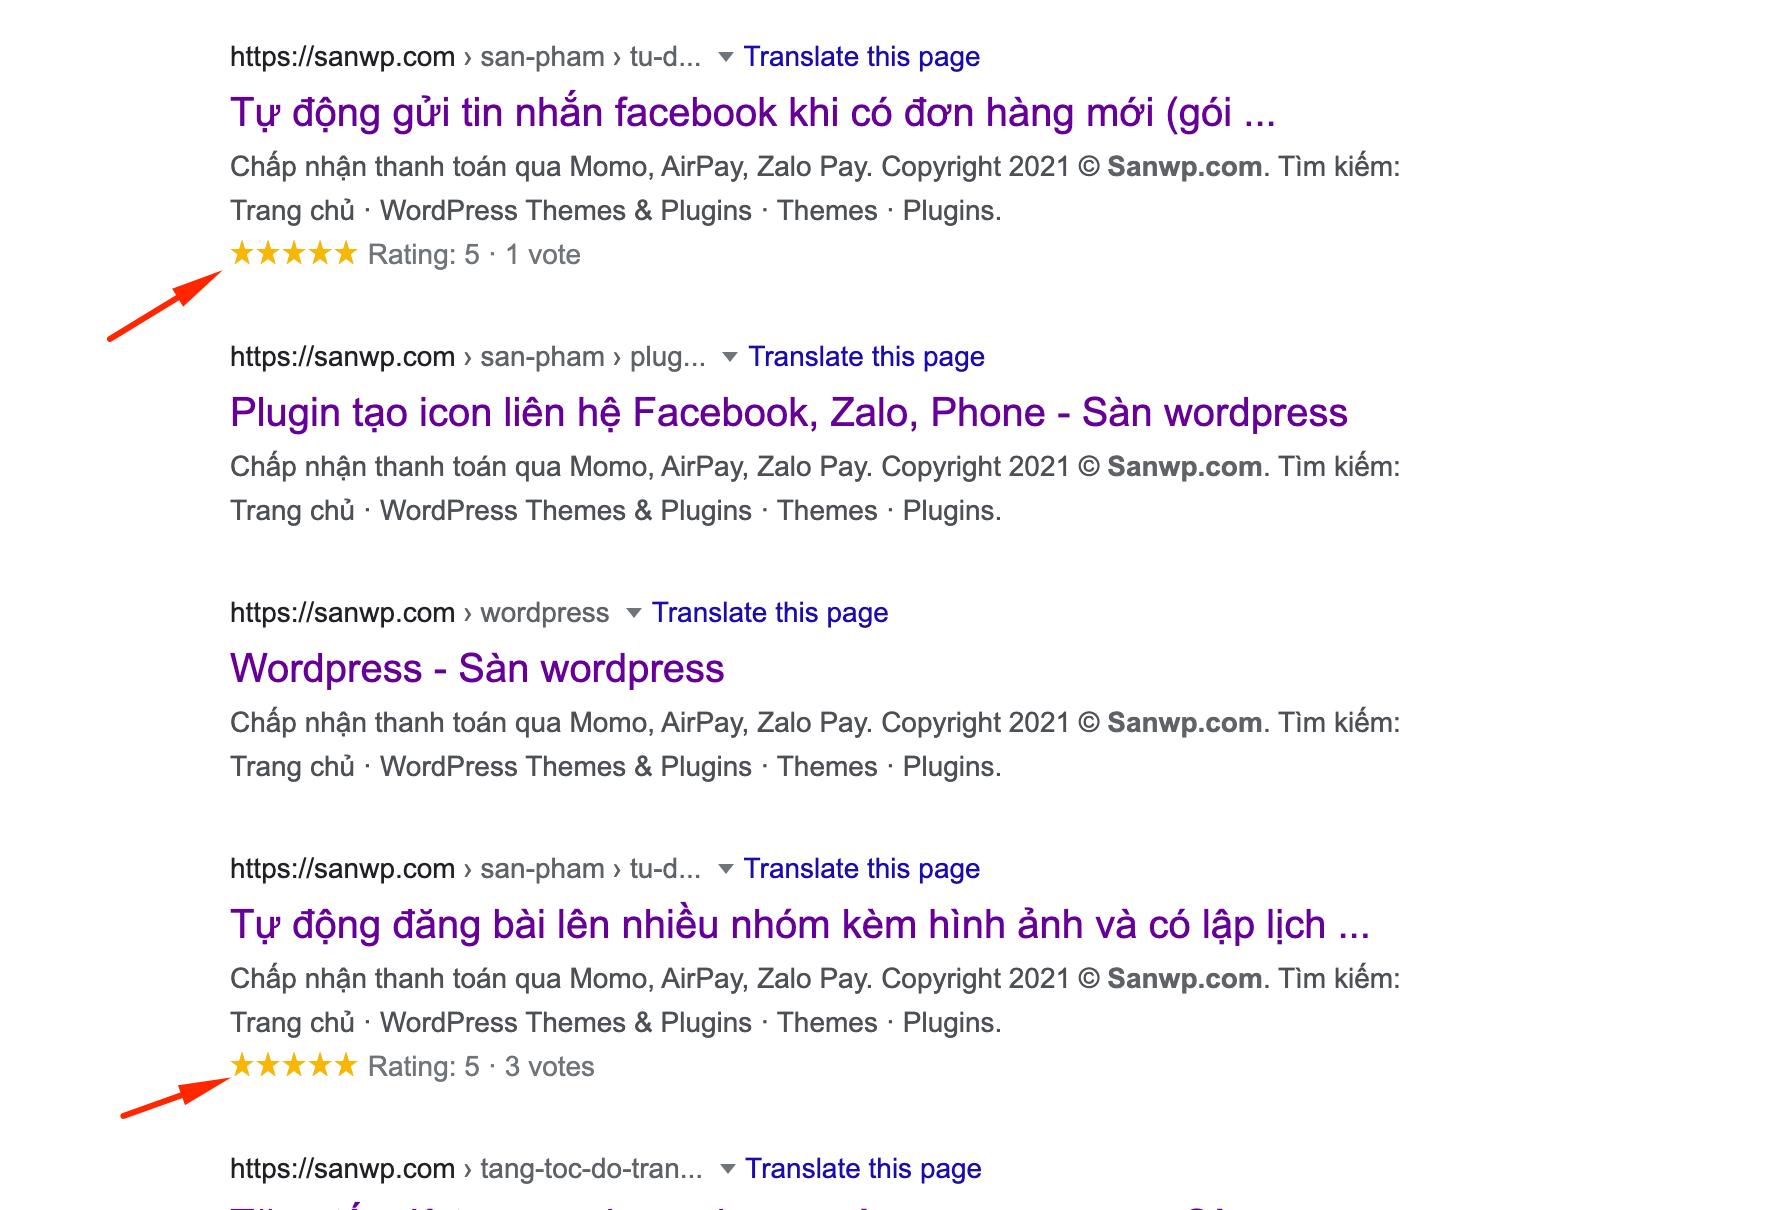 Hiển thị đánh giá sản phẩm ở kết quả tìm kiếm google